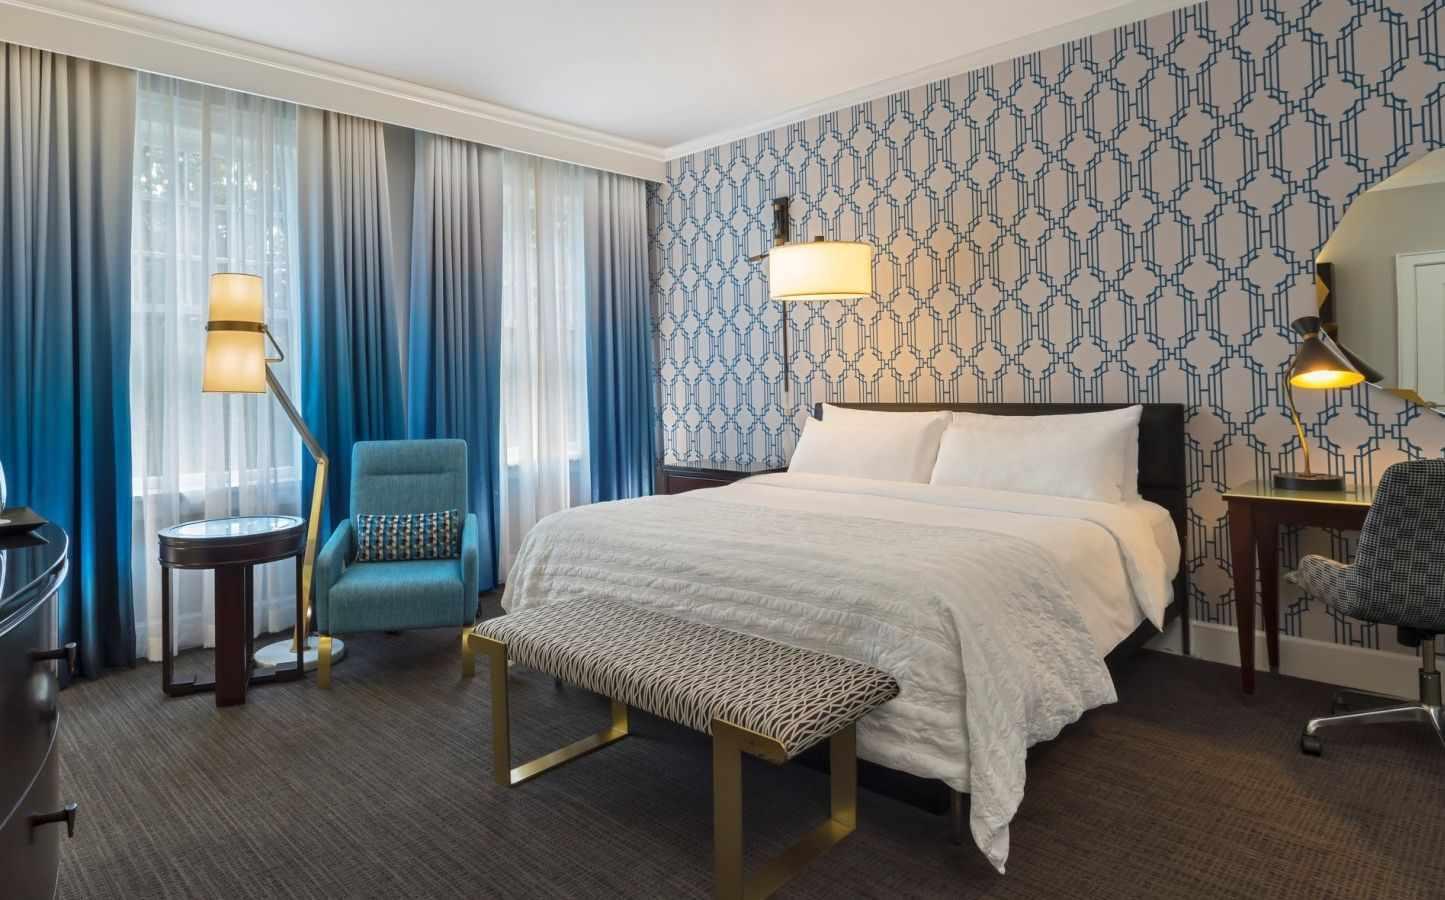 Вариант оформления гостевой комнаты